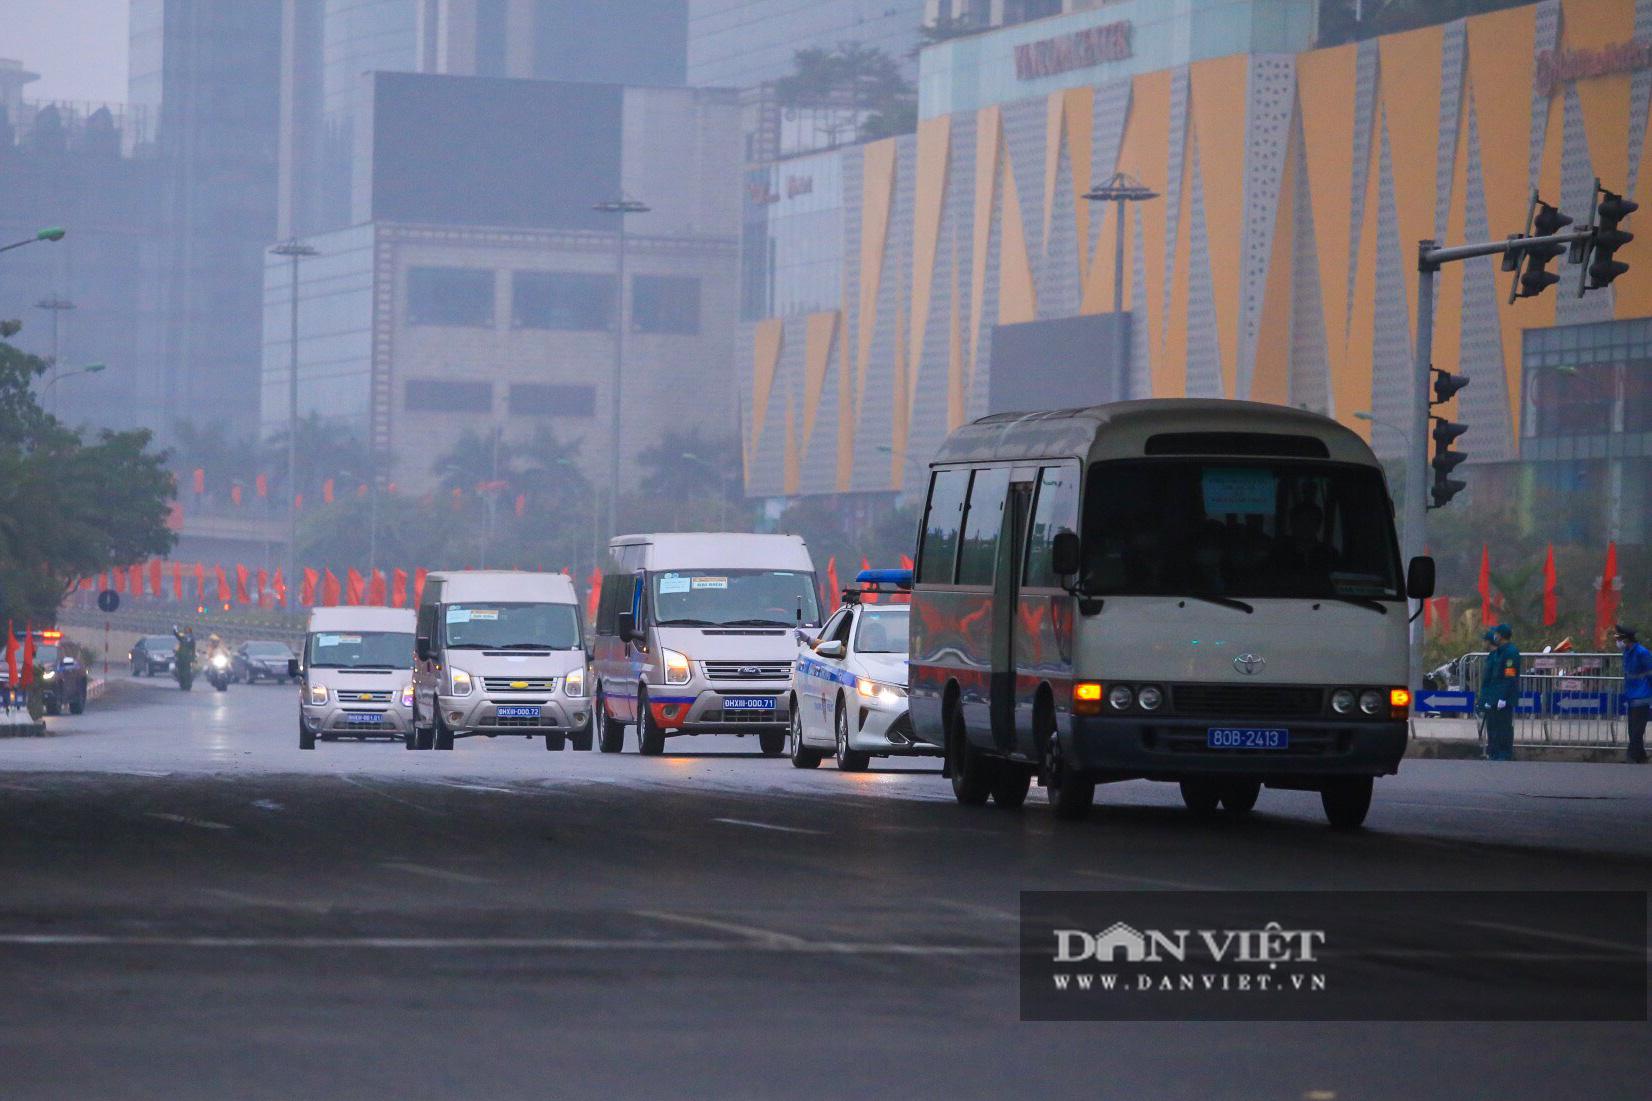 Hình ảnh đoàn xe đại biểu từ Lăng Bác về Trung tâm Hội nghị Quốc gia - Ảnh 14.